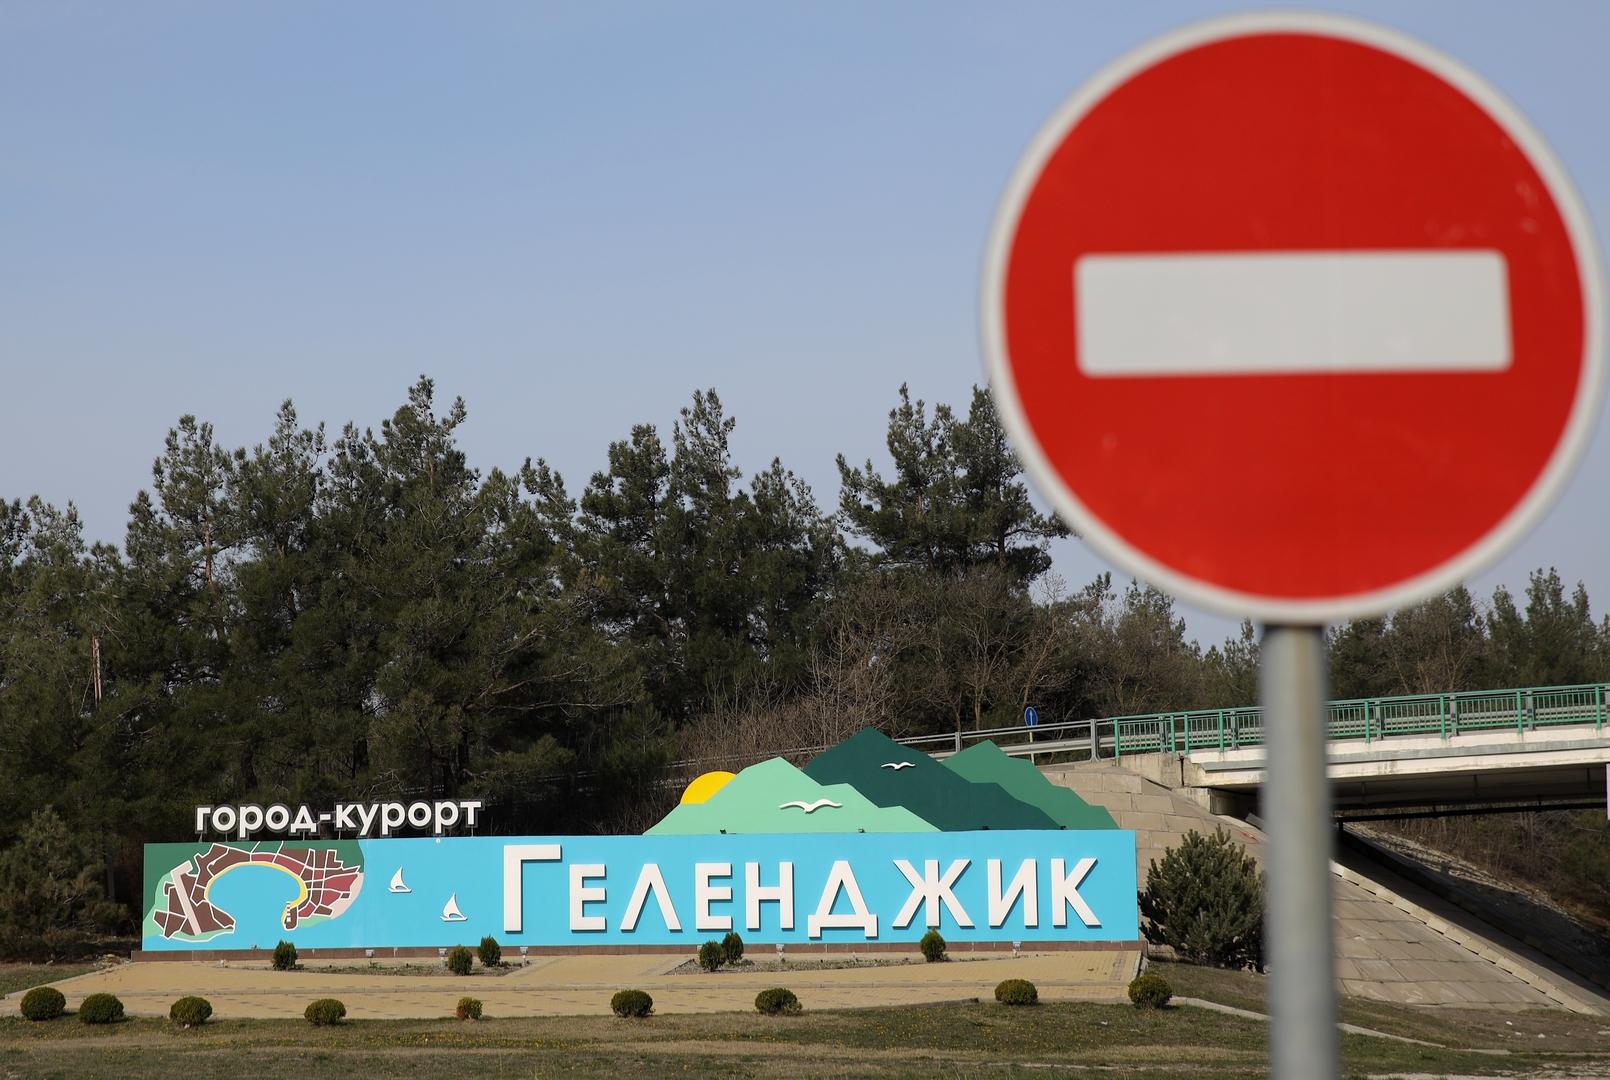 جهاز الأمن الفدرالي الروسي يوضح خلفيات الحظر الجوي في منطقة غيلينجيك